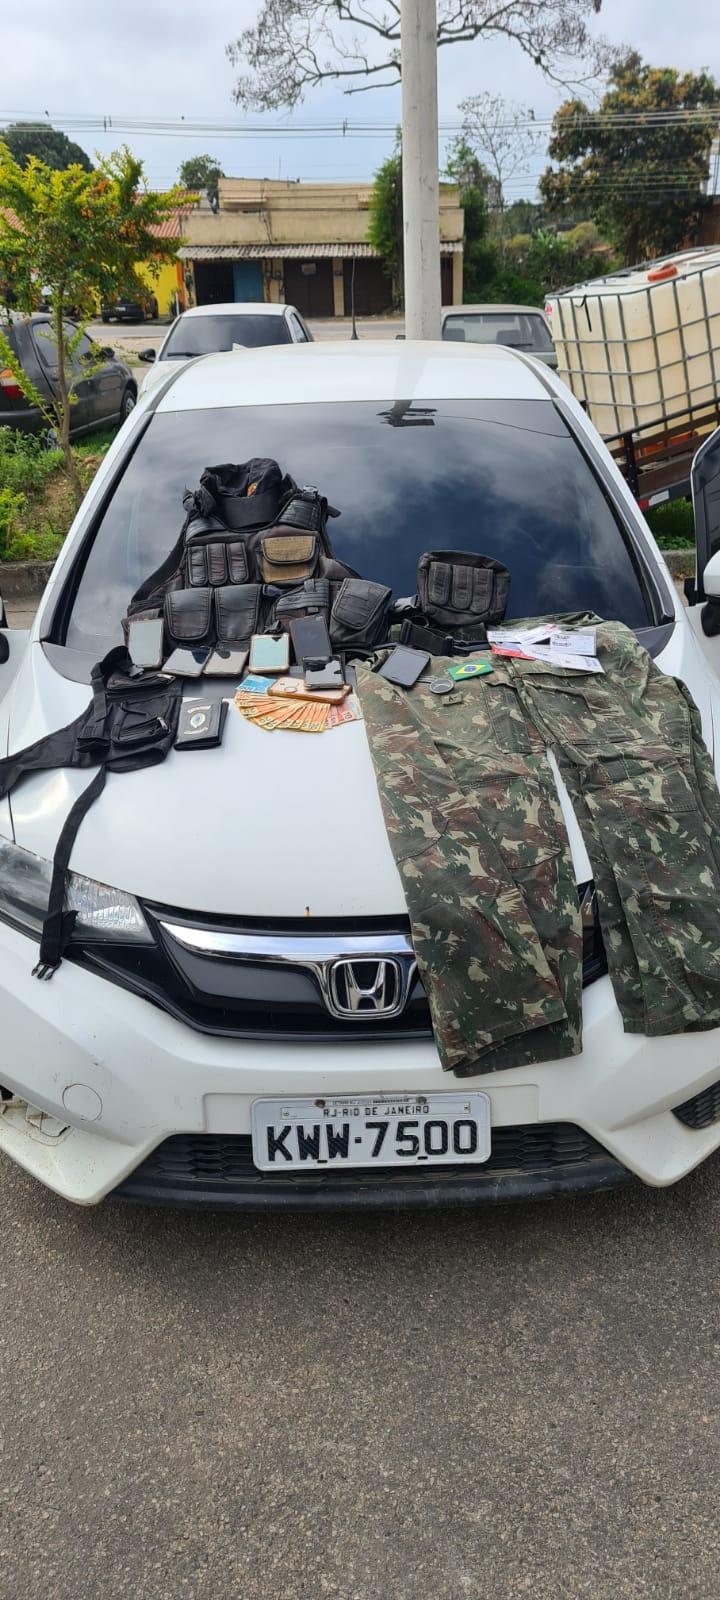 Carro roubado pelos suspeitos com cintos de guarnição, capa de colete à prova de balas e roupas camufladas